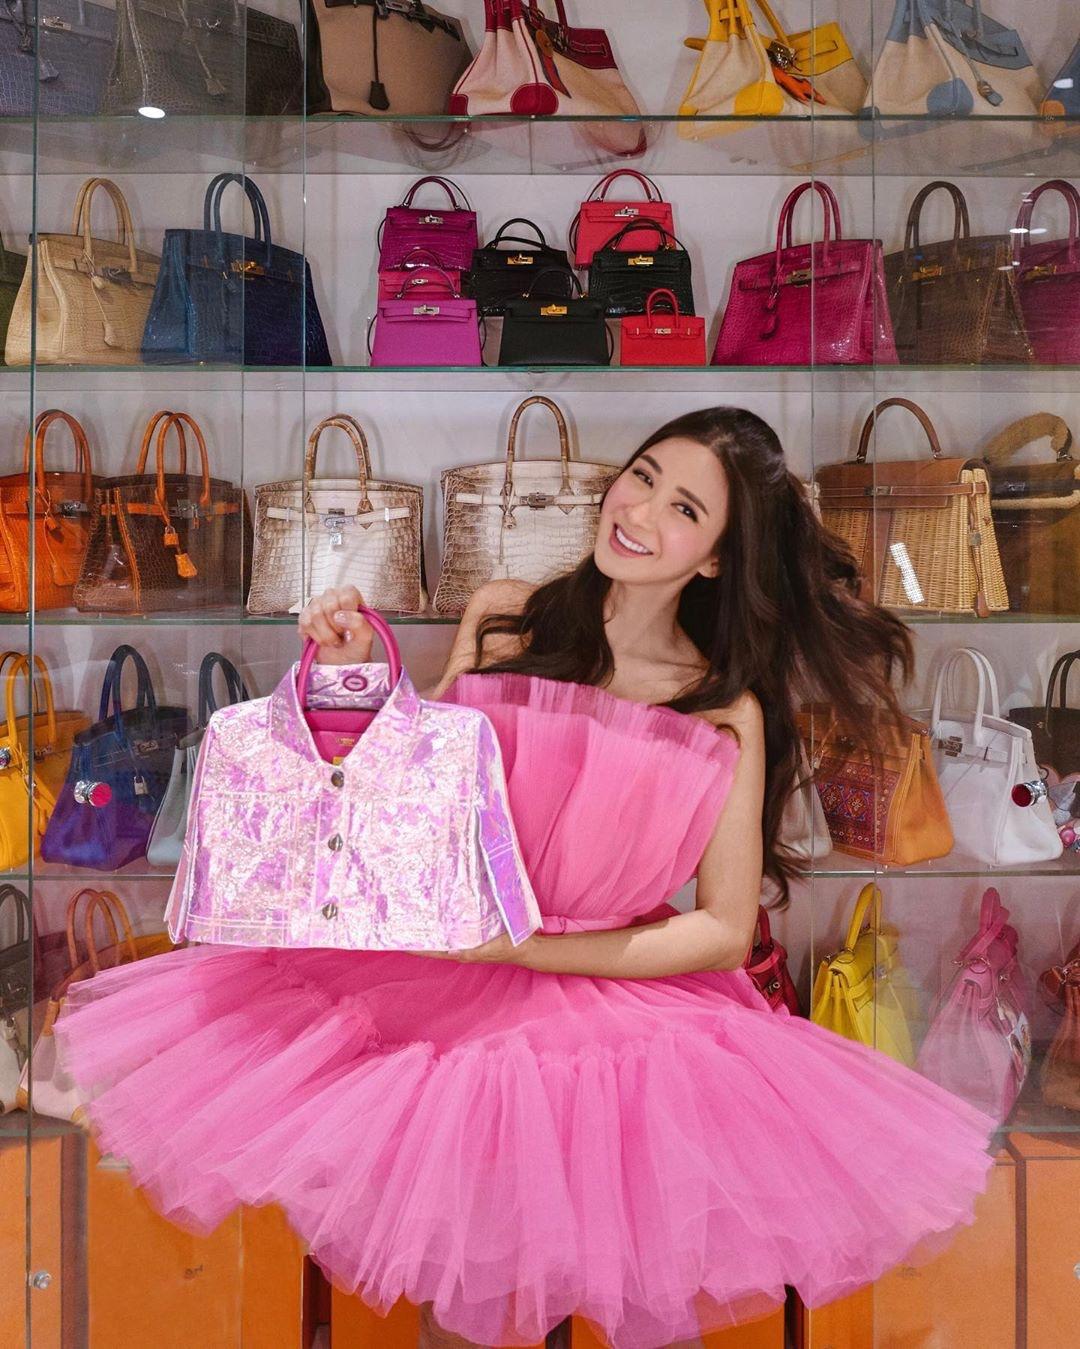 """Nghe 6 tips chăm sóc đồ hiệu từ """"Nữ hoàng Hermès"""" Singapore, dù tốn trăm tỷ mua đồ cũng không cần mất 1 đồng thuê chuyên gia chăm sóc - Ảnh 3."""